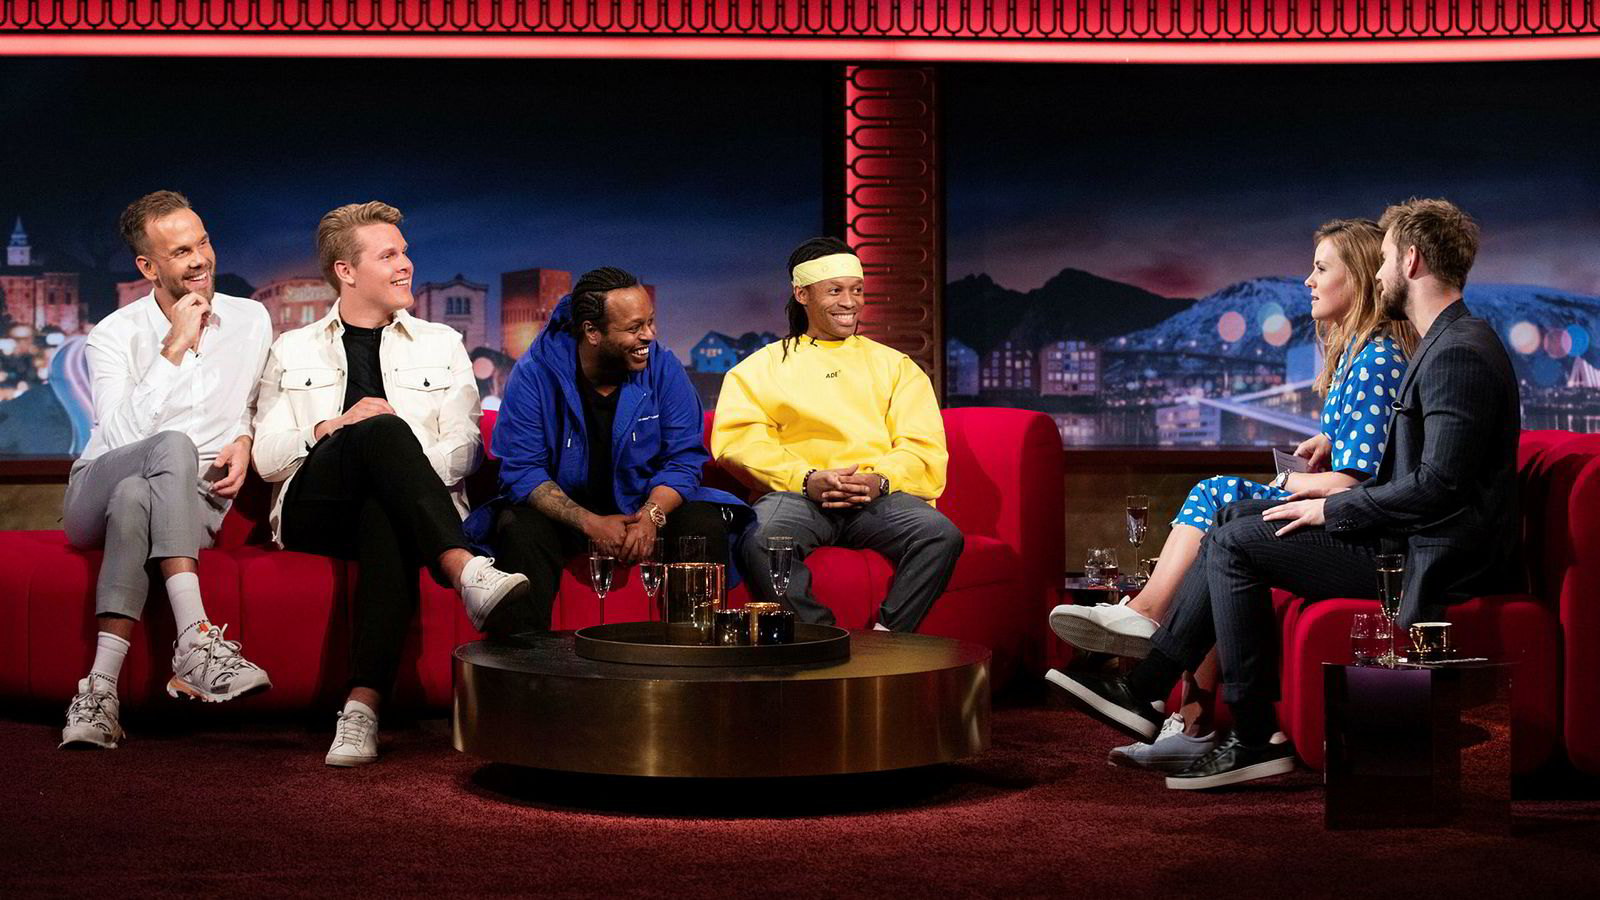 Morten Hegseth (fra venstre) og Vegard Harm er programledere i VGTV-programmet «Panelet», mens Yosef Wolde-Mariam og Tshawe Baqwa utgjør rapduoen Madcon.